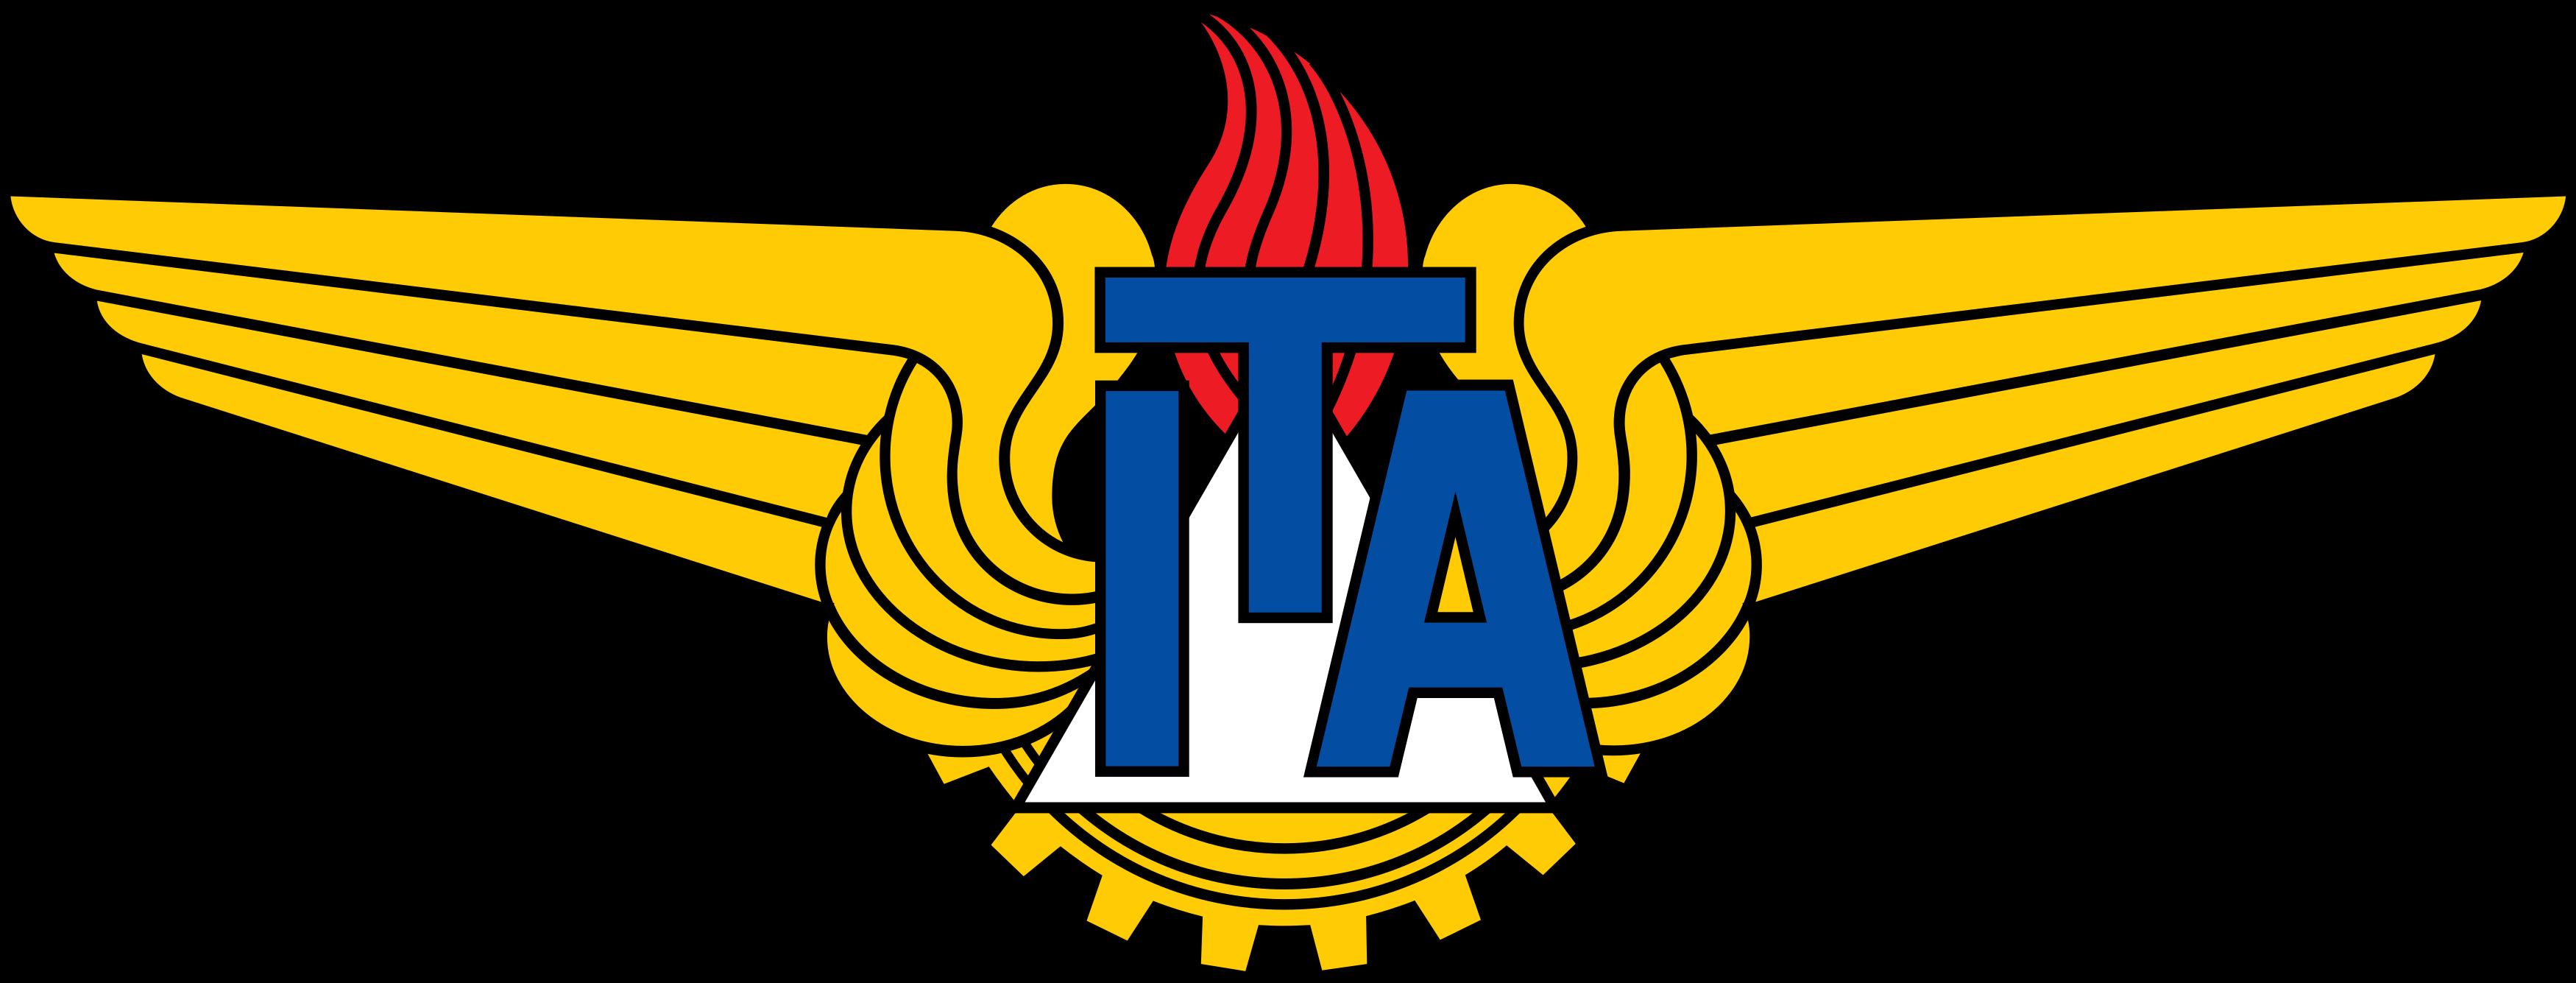 ITA logo.